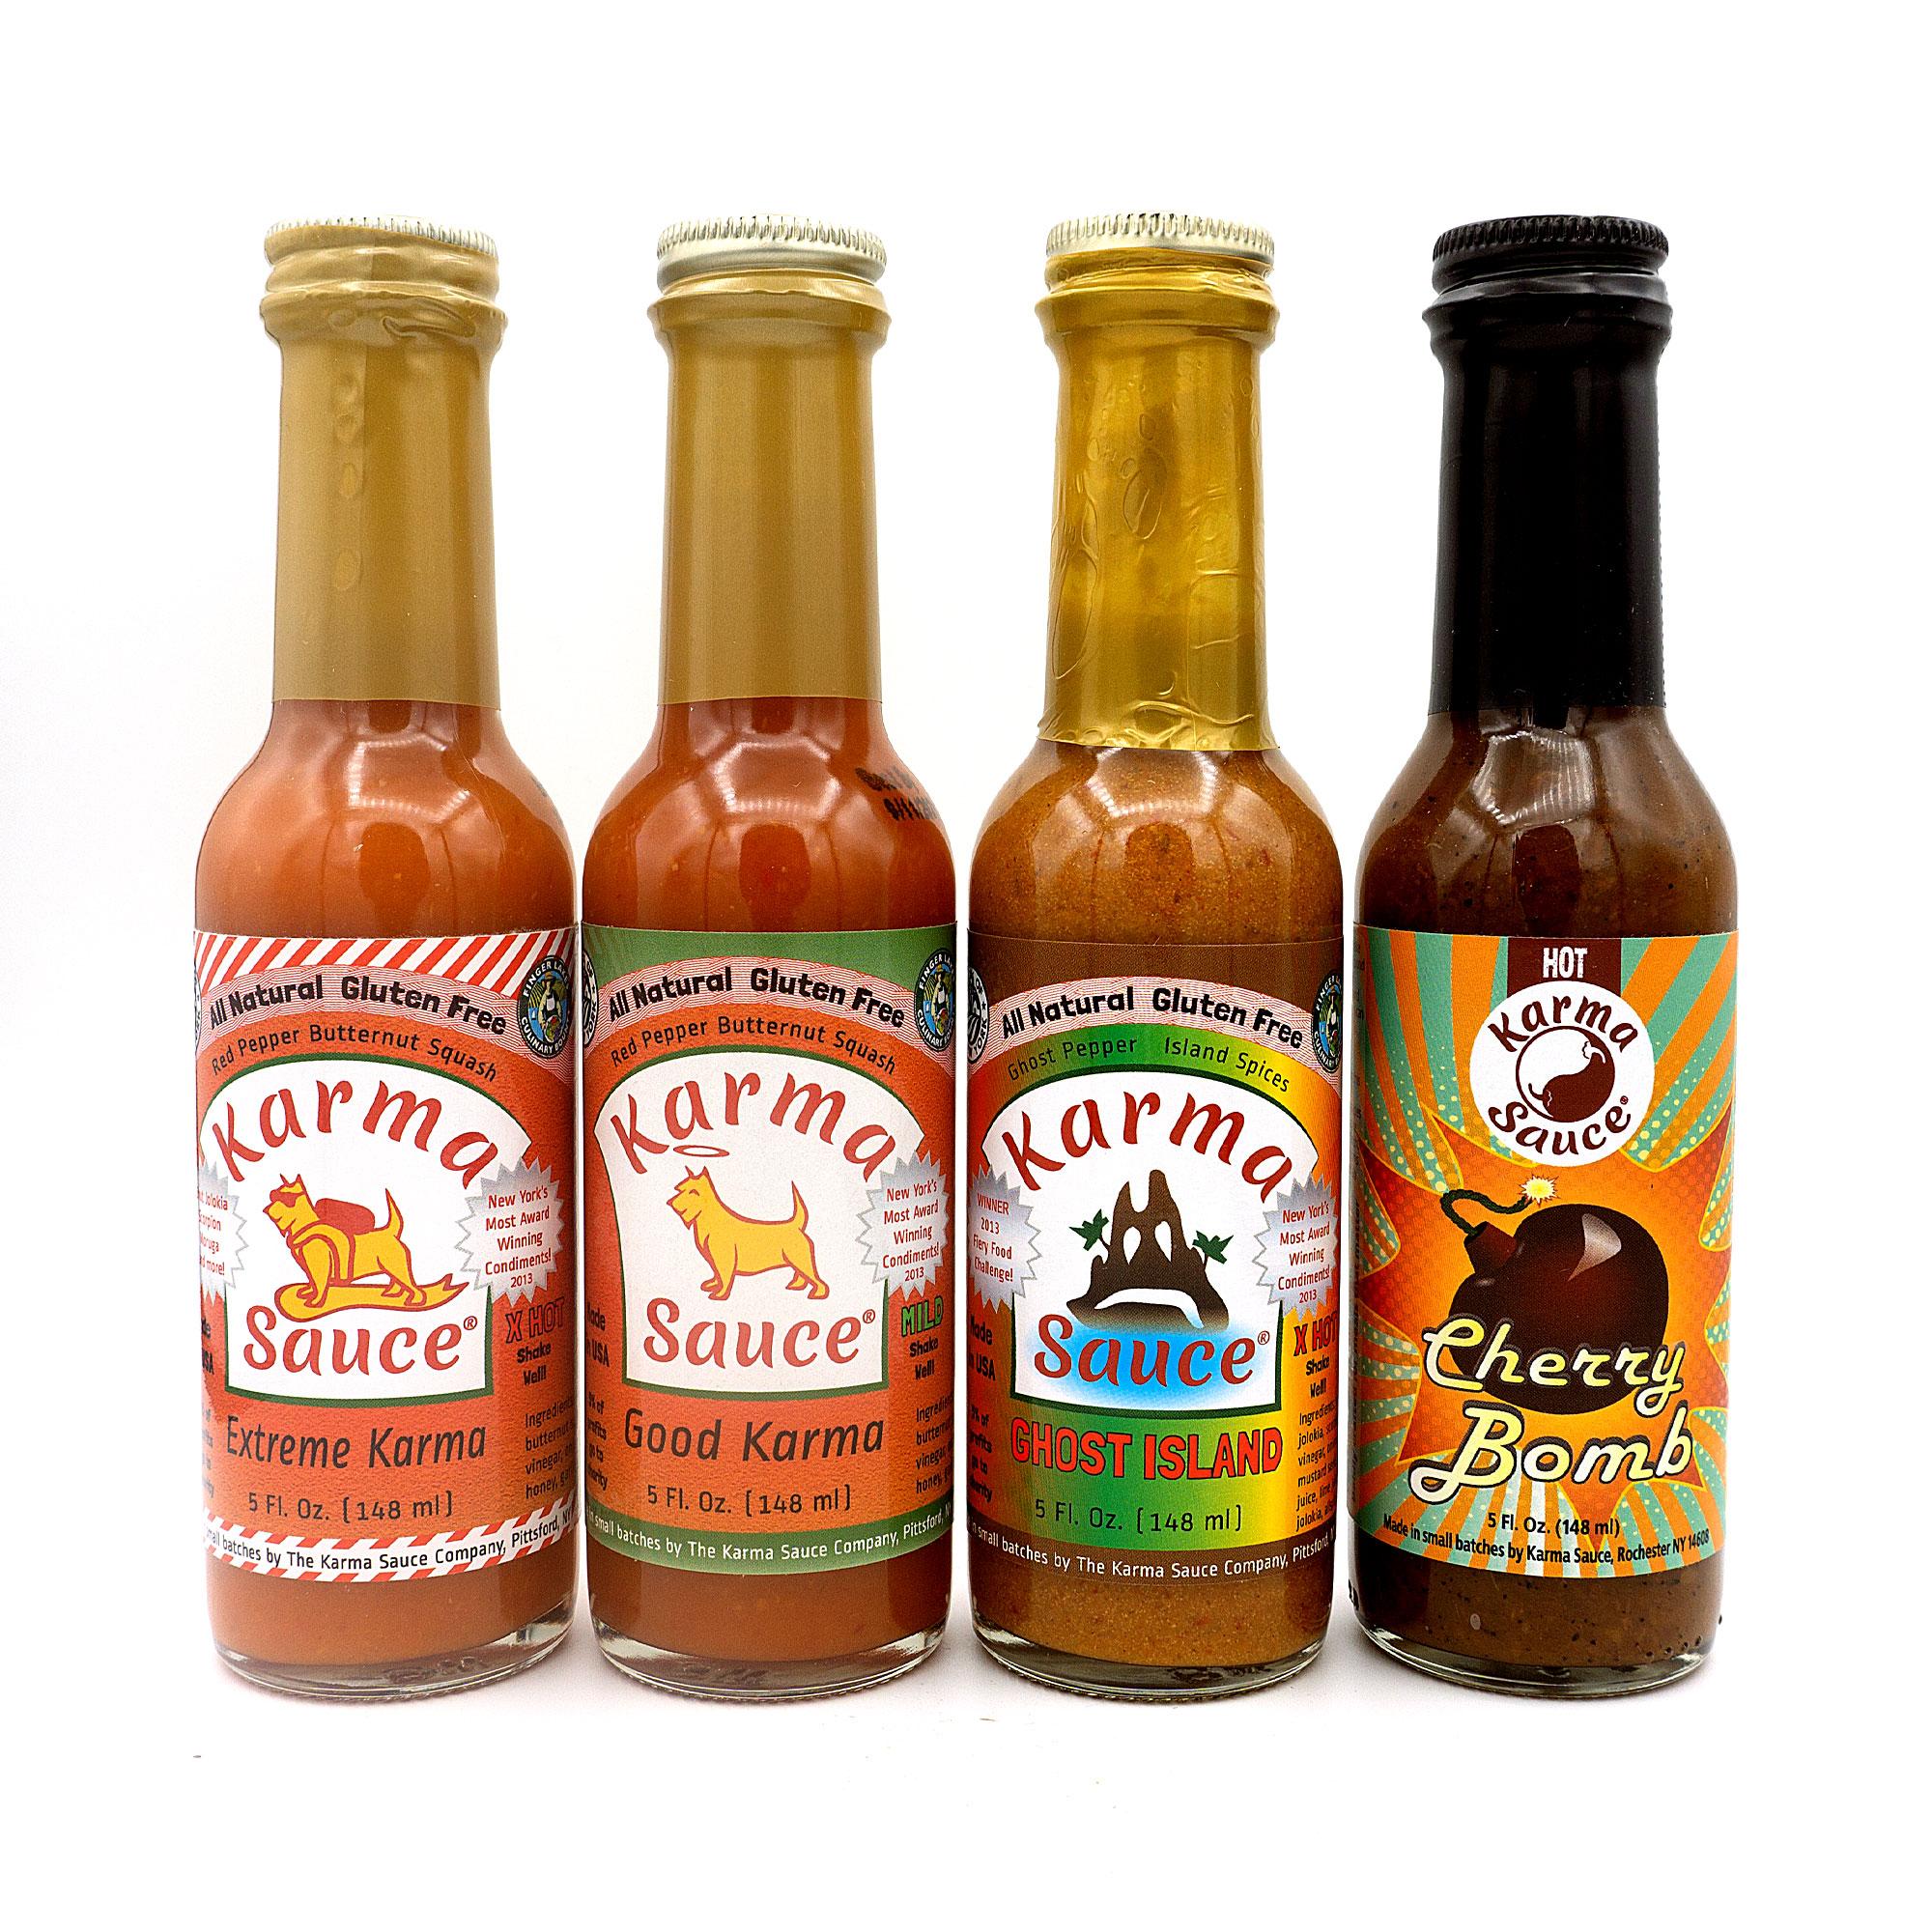 Karma Sauce Products | Mat's Hot Shop - Australia's Premier Hot Sauce Store